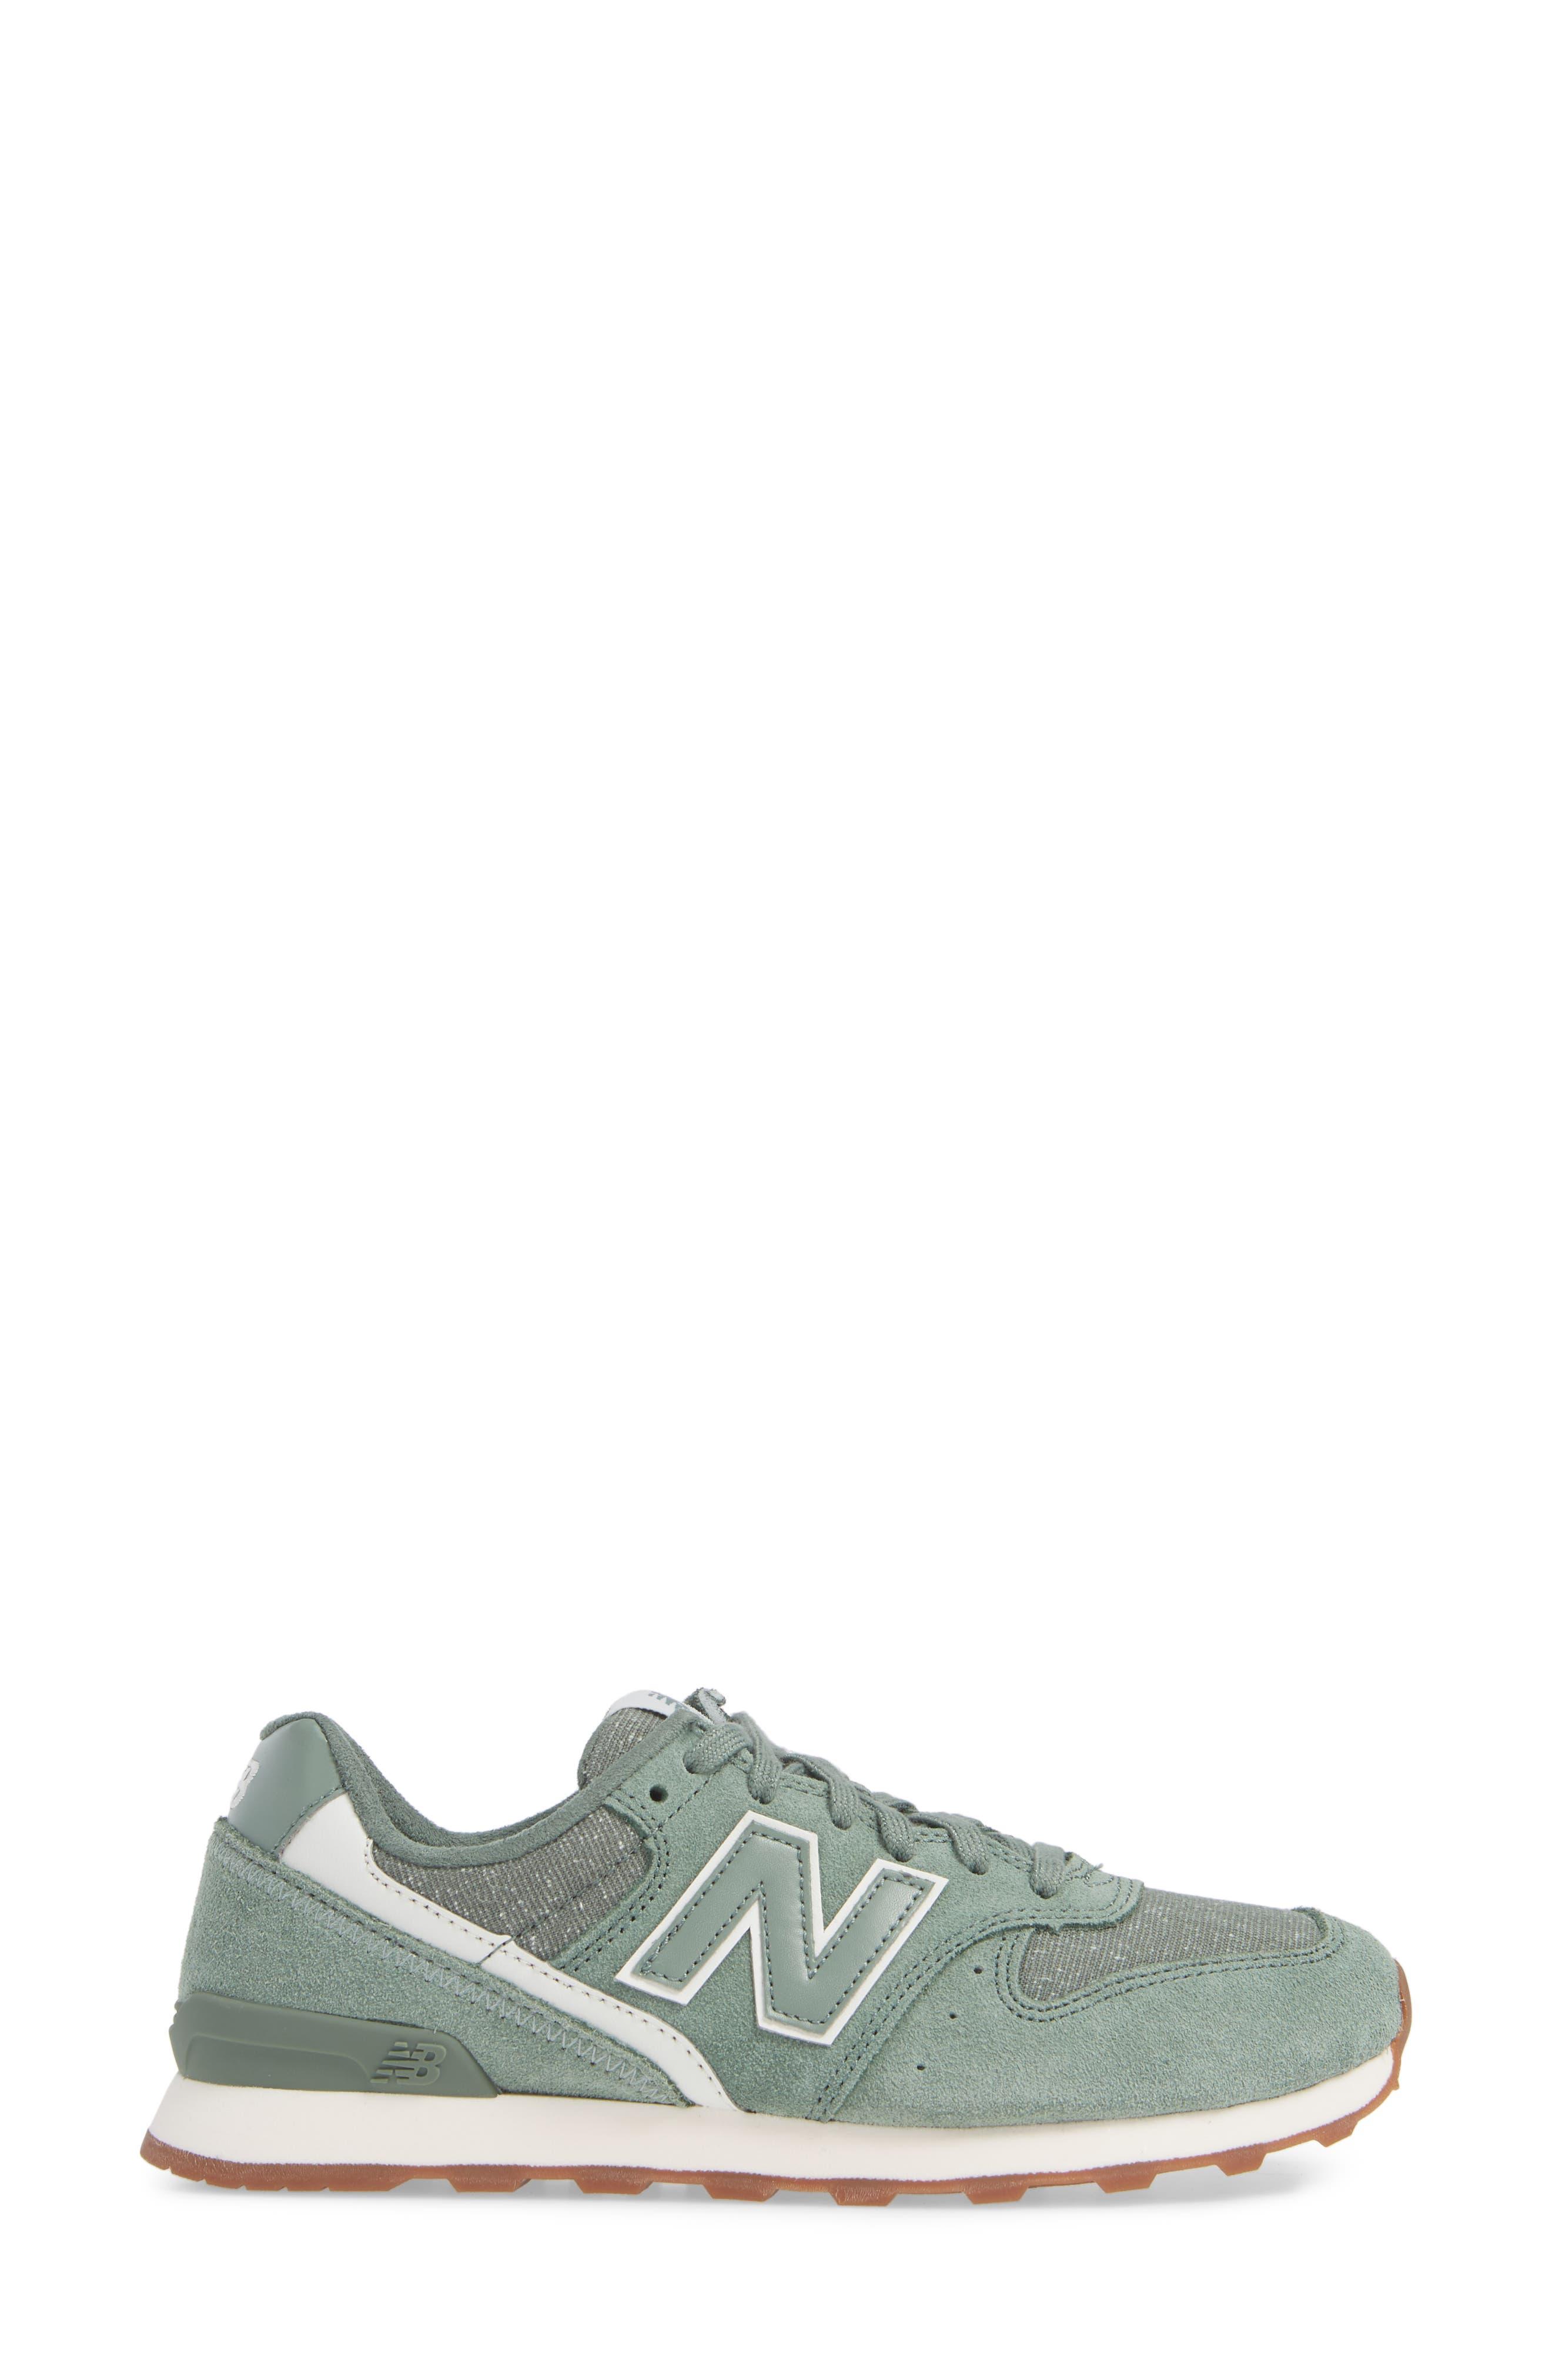 696 Sneaker,                             Alternate thumbnail 3, color,                             300